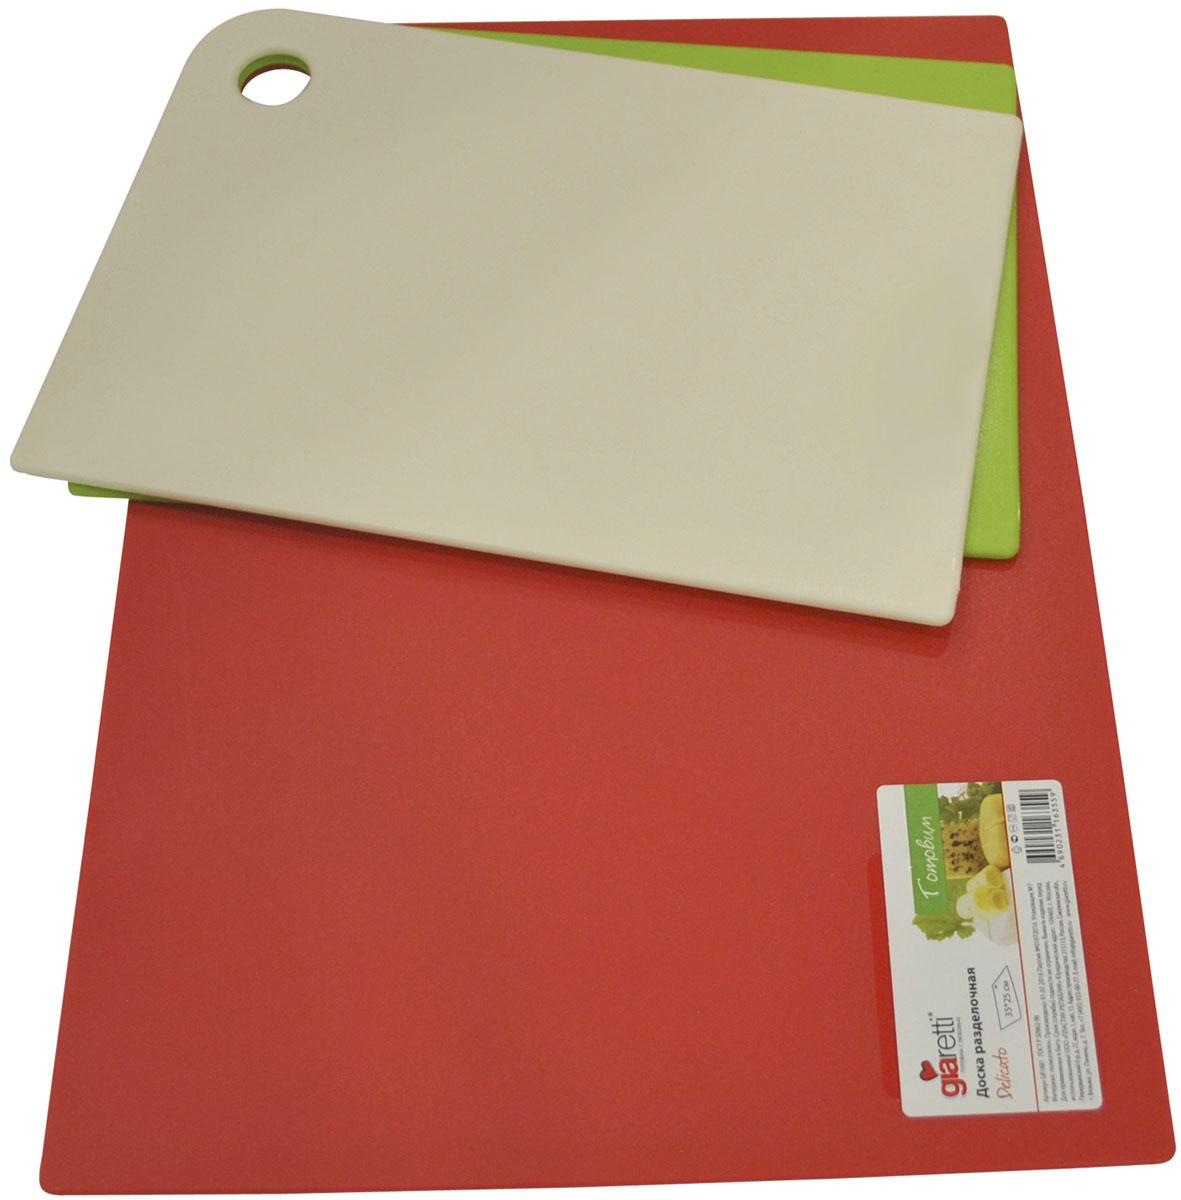 Набор разделочных досок Giaretti Trio, гибкие, цвет: оливковый, сливочный, красный, 3 предмета115510Маленькие и большие, под хлеб или сыр, овощи или мясо. Разделочных досок много не бывает. Giaretti предлагает новинку – гибкие доски.Преимущества:-не скользит по поверхности стола - вы можете резать продукты и не отвлекаться на мелочи; -удобно использовать - на гибкой доске вы сможете порезать продукты, согнув доску переложить их в блюдо и не рассыпать содержимое;-легкие доски займут мало места на вашей кухне;-легко моются в посудомоечной машине; -оптимальный размер доски позволят вам порезать небольшой кусок сыра или нашинковать много овощей. Набор Trio специально создан для разных типов продуктов, которые обозначены цветом. Очень удобно: мясо и свежую рыбу вы режете на большой красной доске, овощи - на зеленой, сыр и хлеб - на доске цвета слоновая кость. В набор входит три доски: 25 x 17 см (2 шт), 35 x 25 см (1 шт).